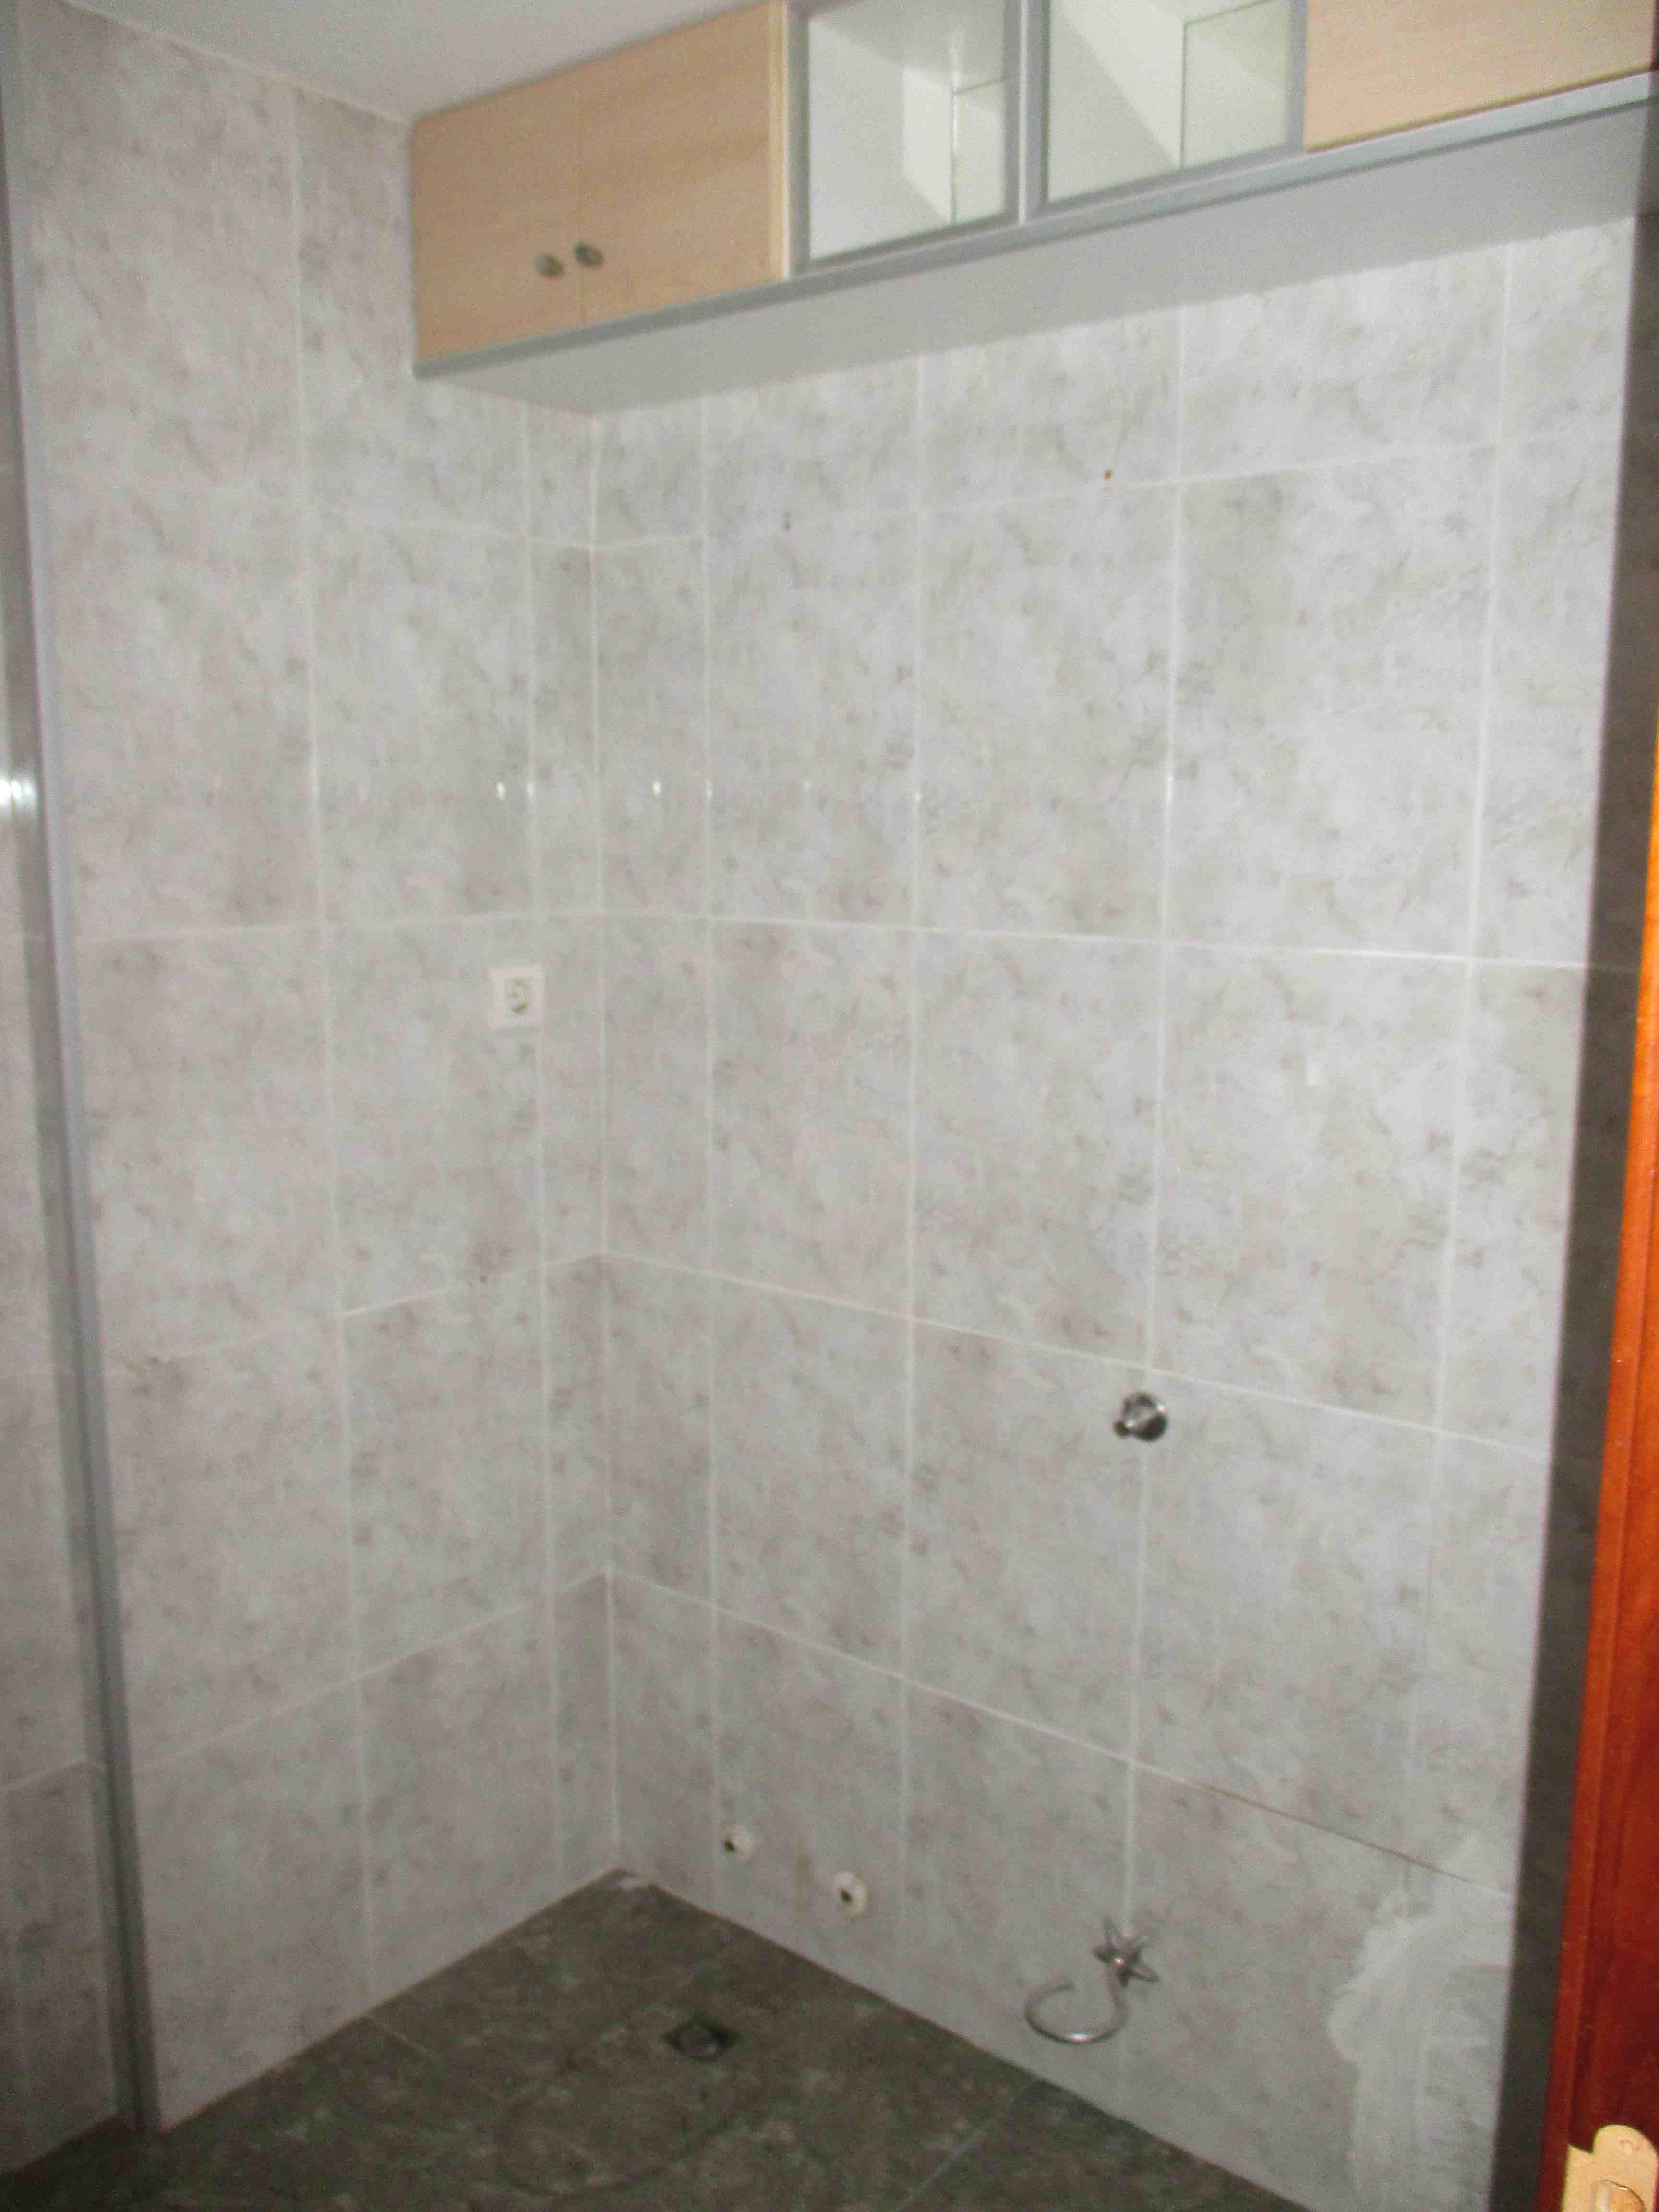 Piso en venta en Huesca, Huesca, Calle Joaquin Roig, 61.000 €, 3 habitaciones, 1 baño, 94 m2